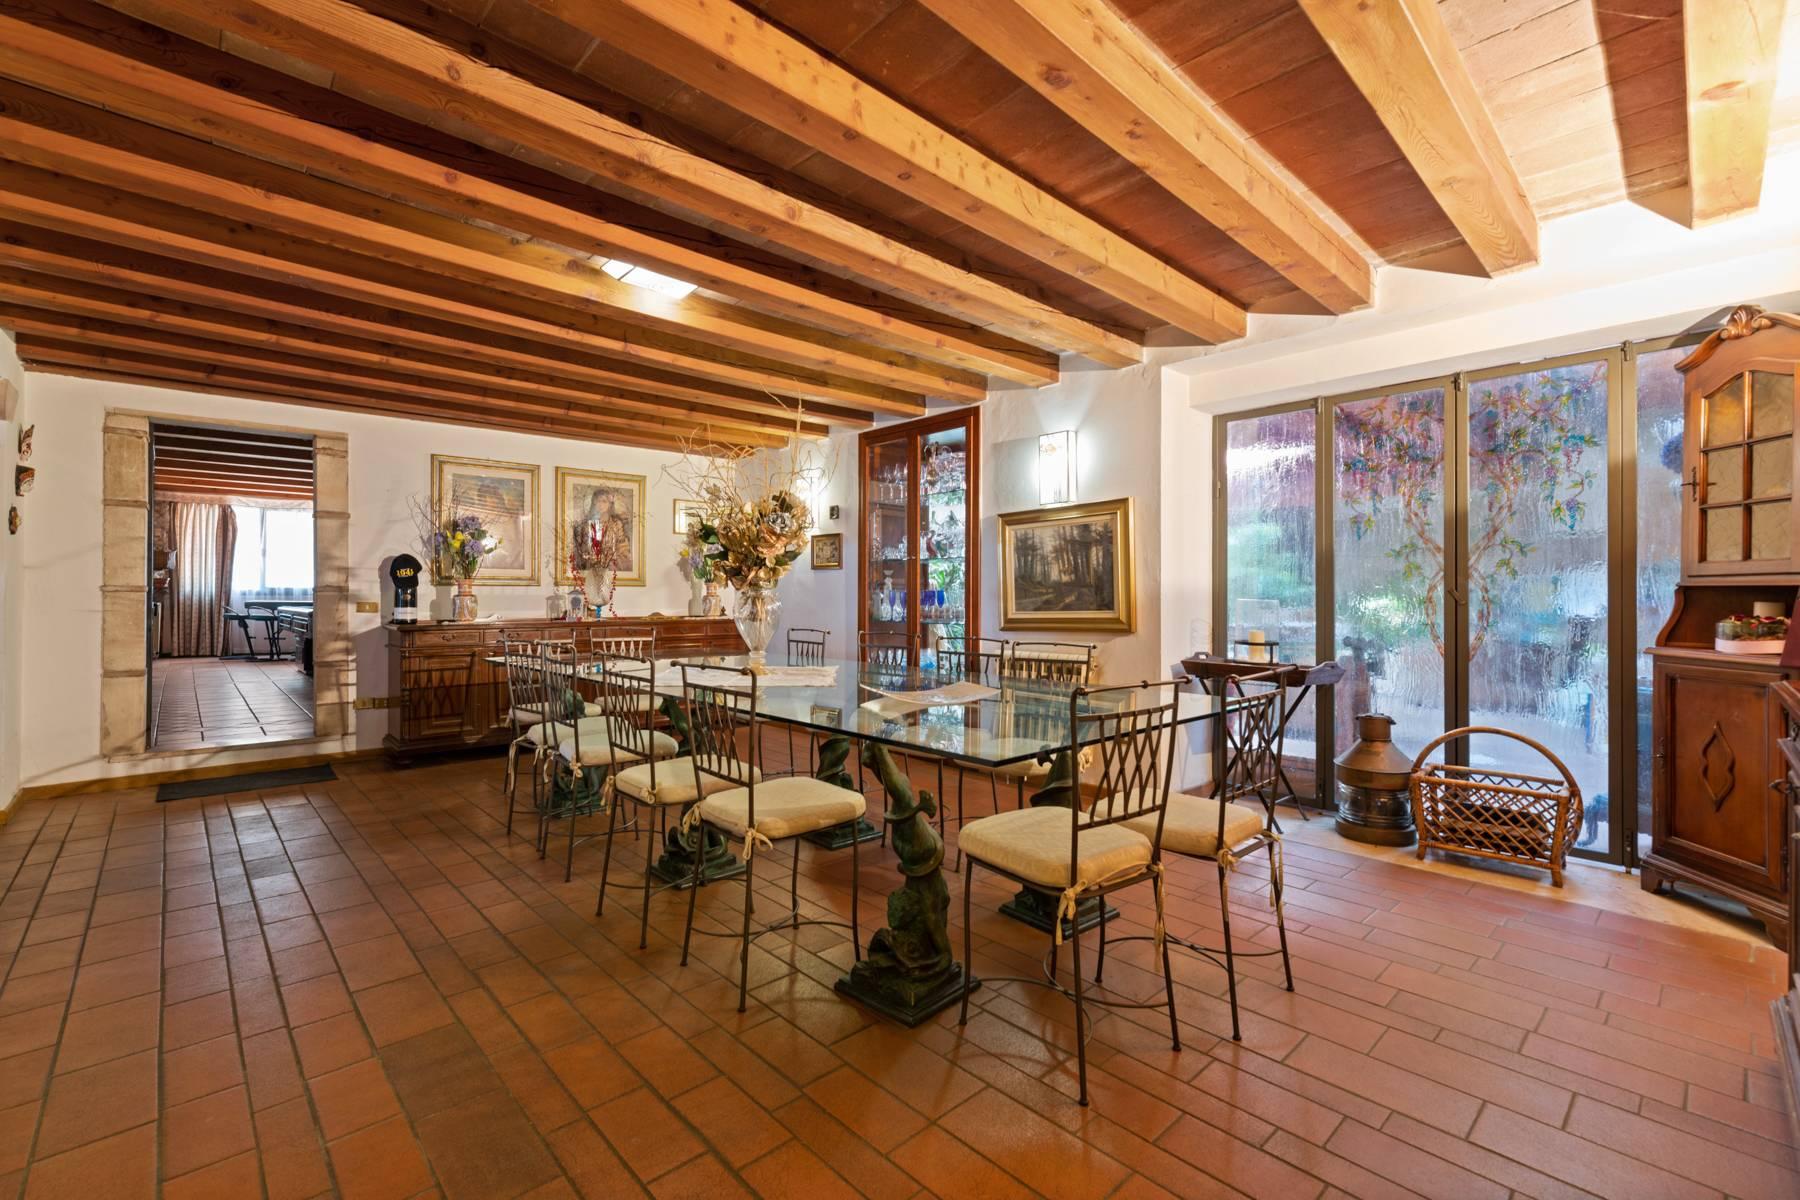 Storica villa di campagna con piscina e campo da tennis con tenuta nelle colline veronesi - 11